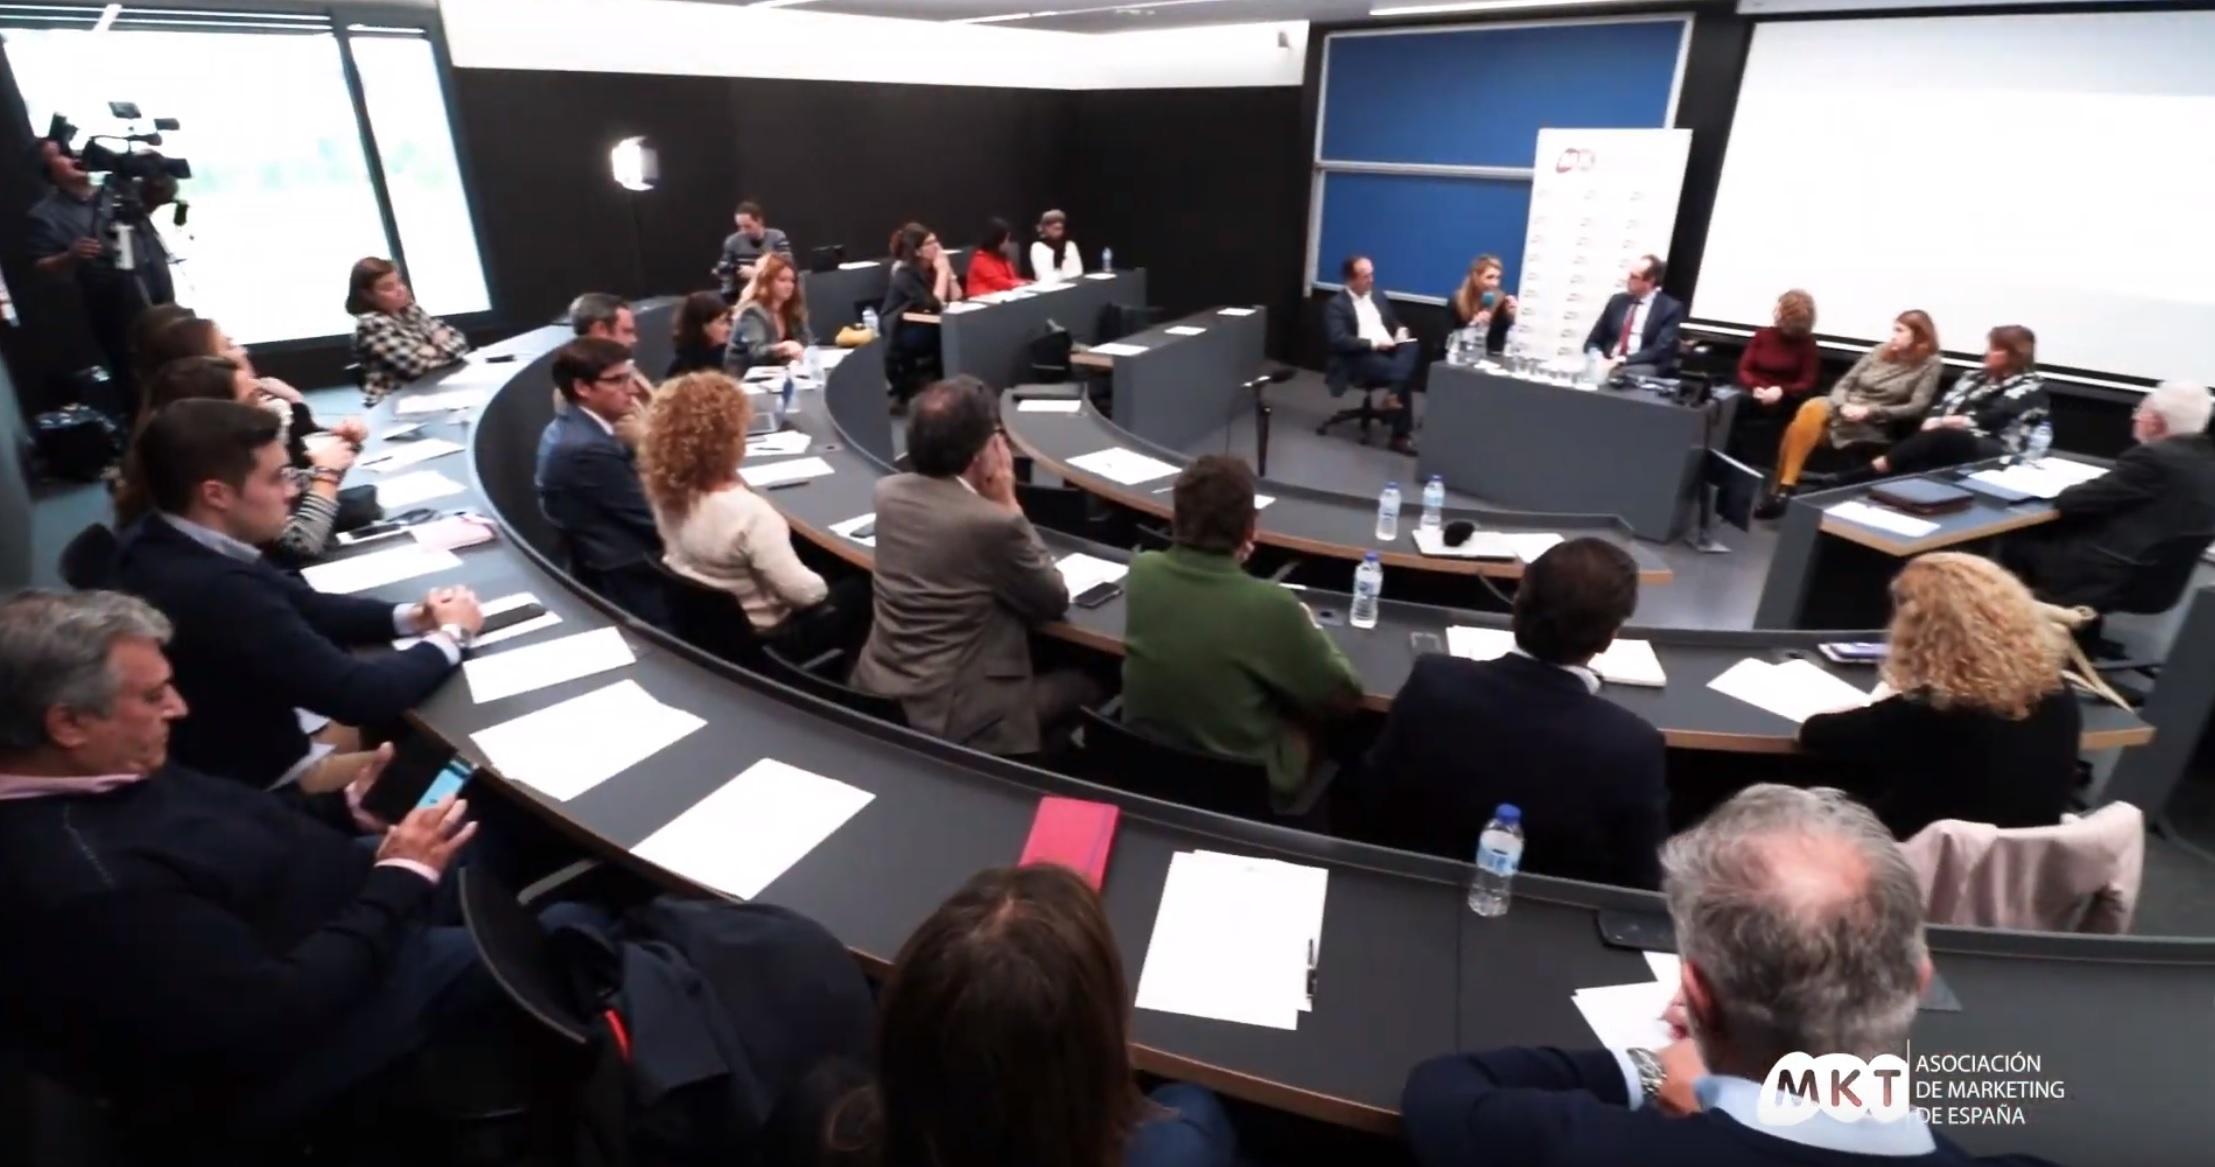 Jornada de Socios Corporativos de la Asociación de Marketing de España